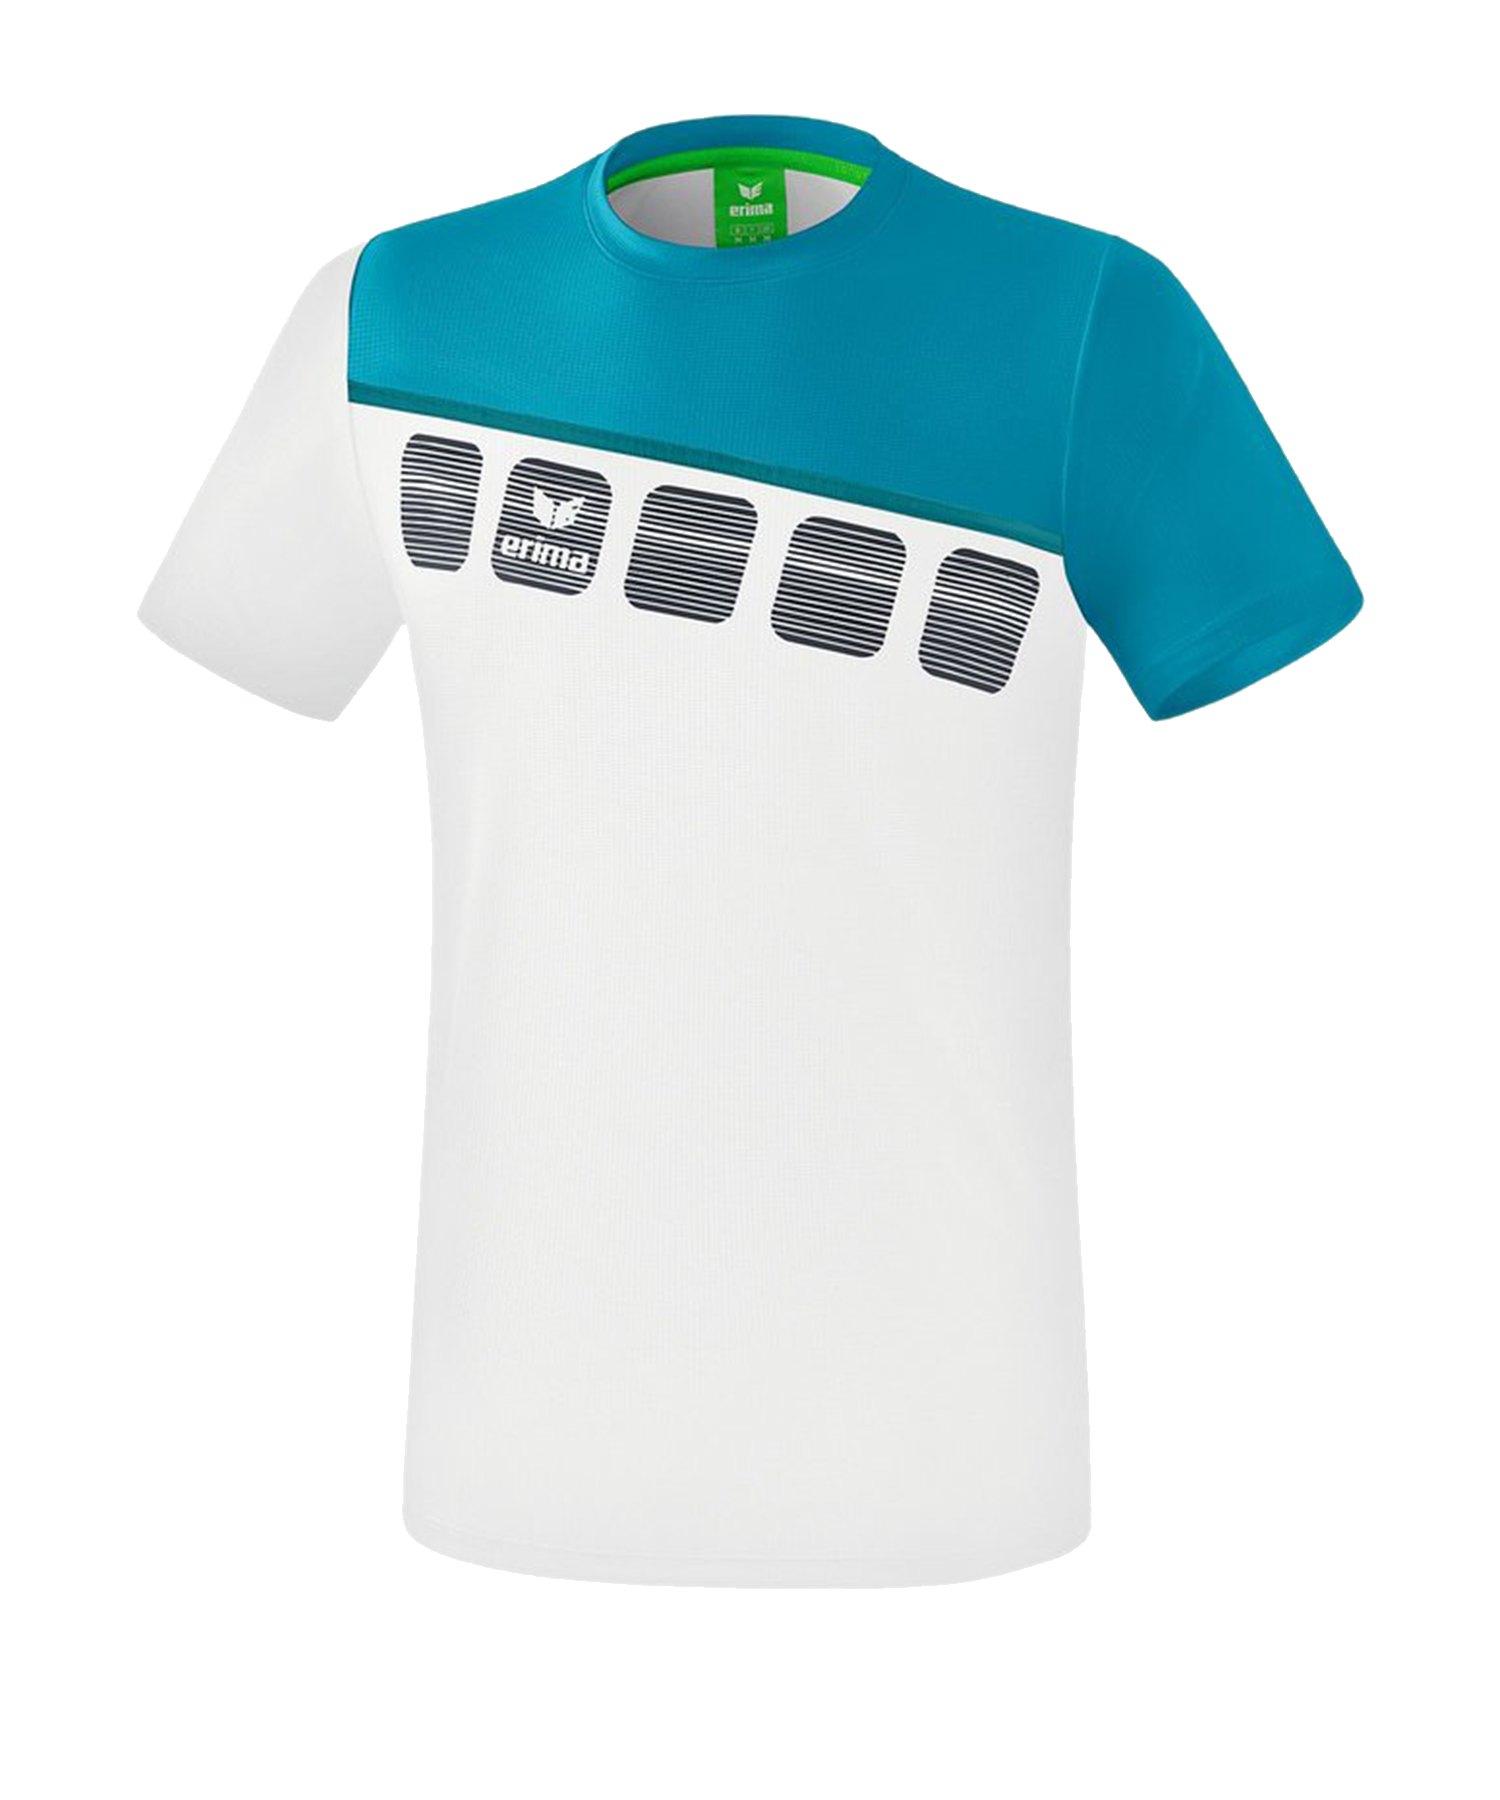 Erima 5-C T-Shirt Kids Weiss Blau - Weiss